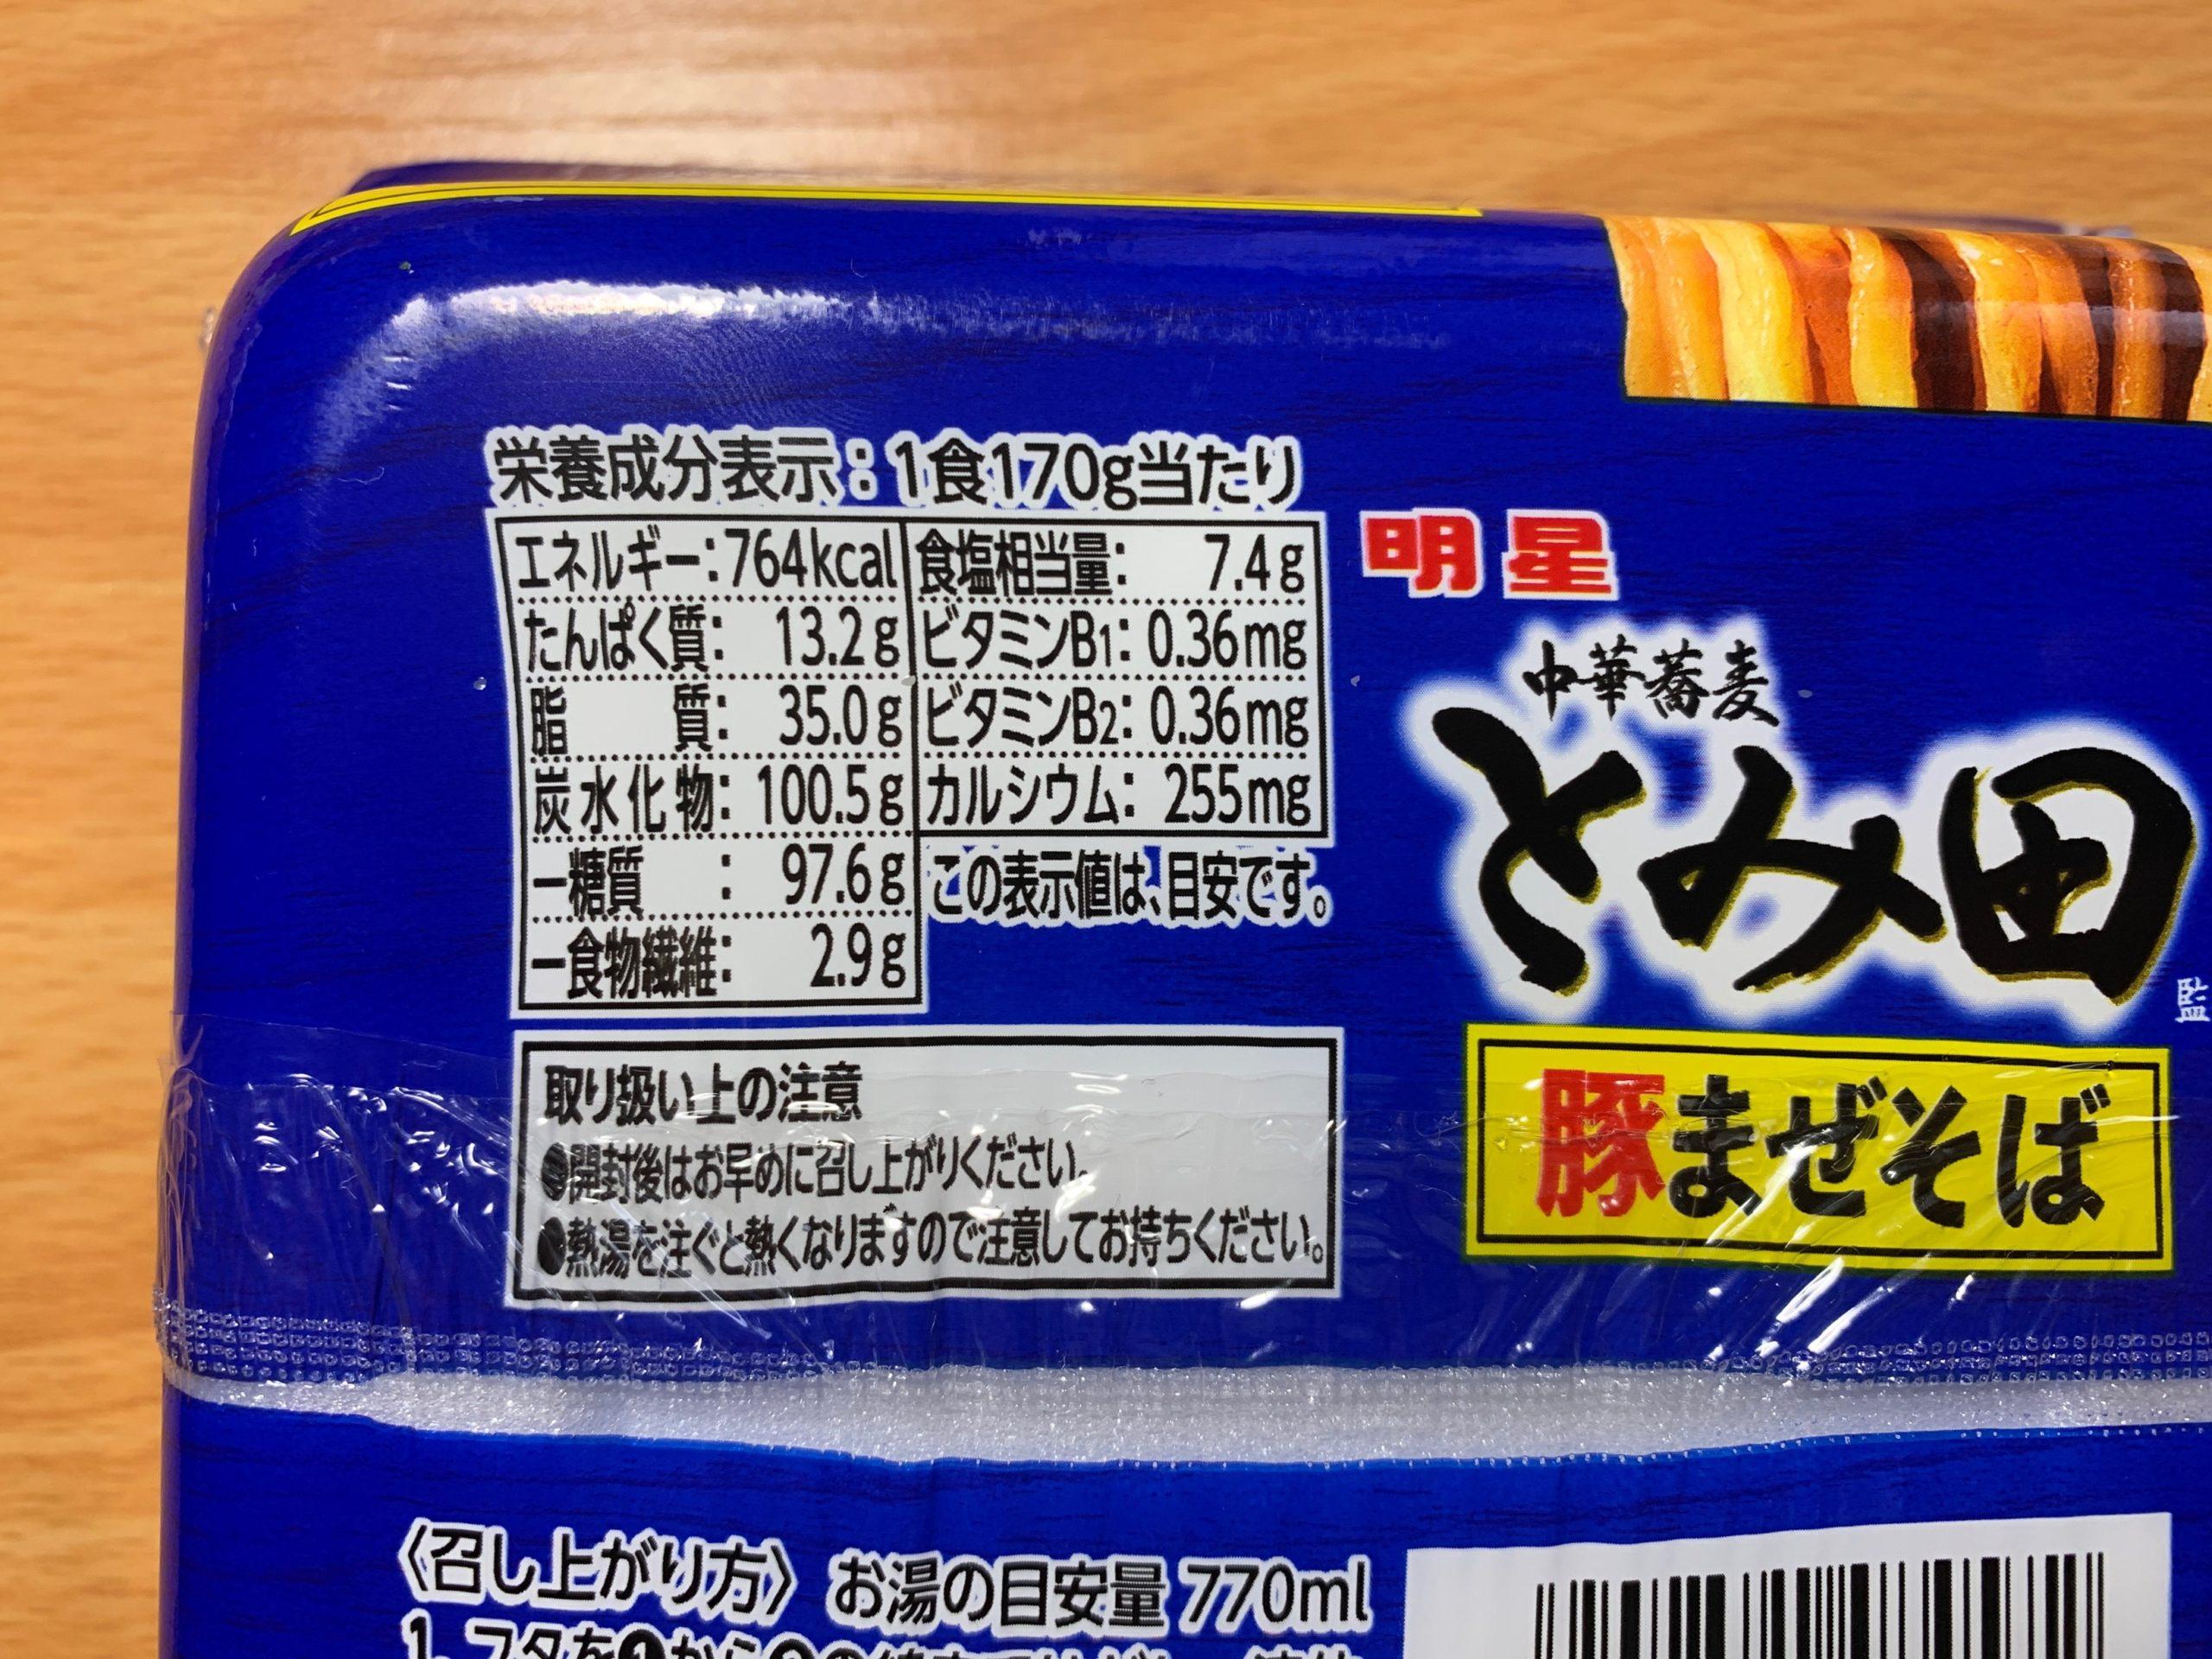 中華蕎麦とみ田の栄養成分